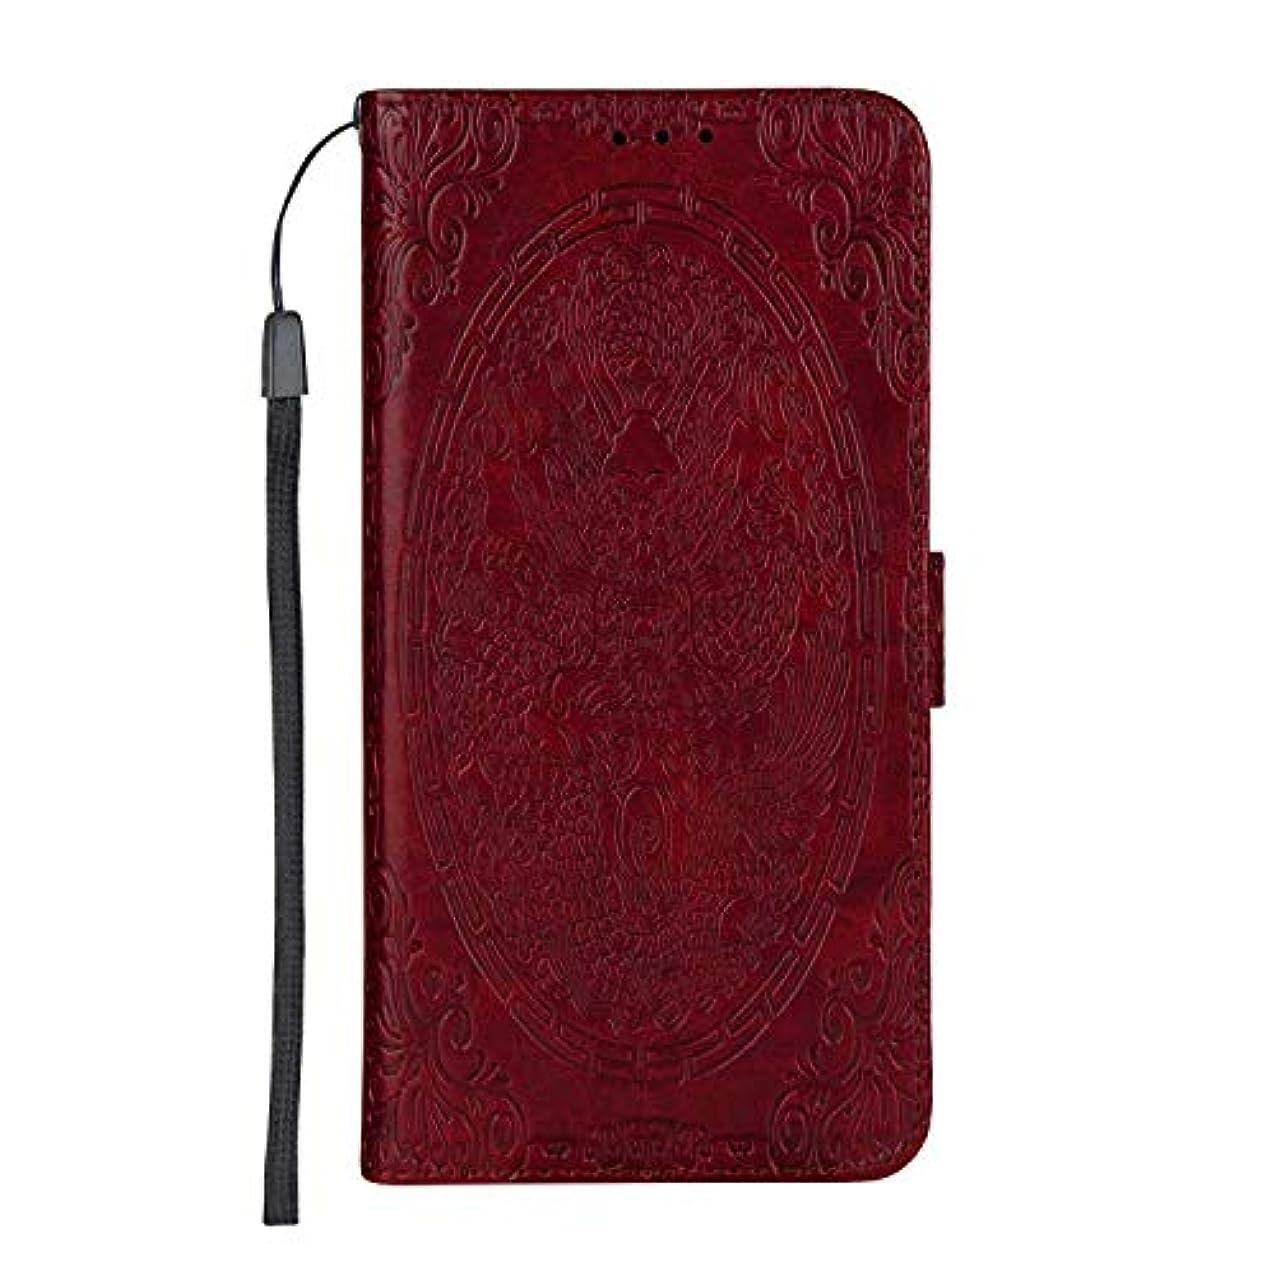 下線賞境界CUSKING Galaxy J4 2018 ケース手帳型 [ドラゴン柄] 多機能 手帳ケース カード収納 スタンド 機能 人気 全面保護カバー サムスン ギャラクシ ケース –赤